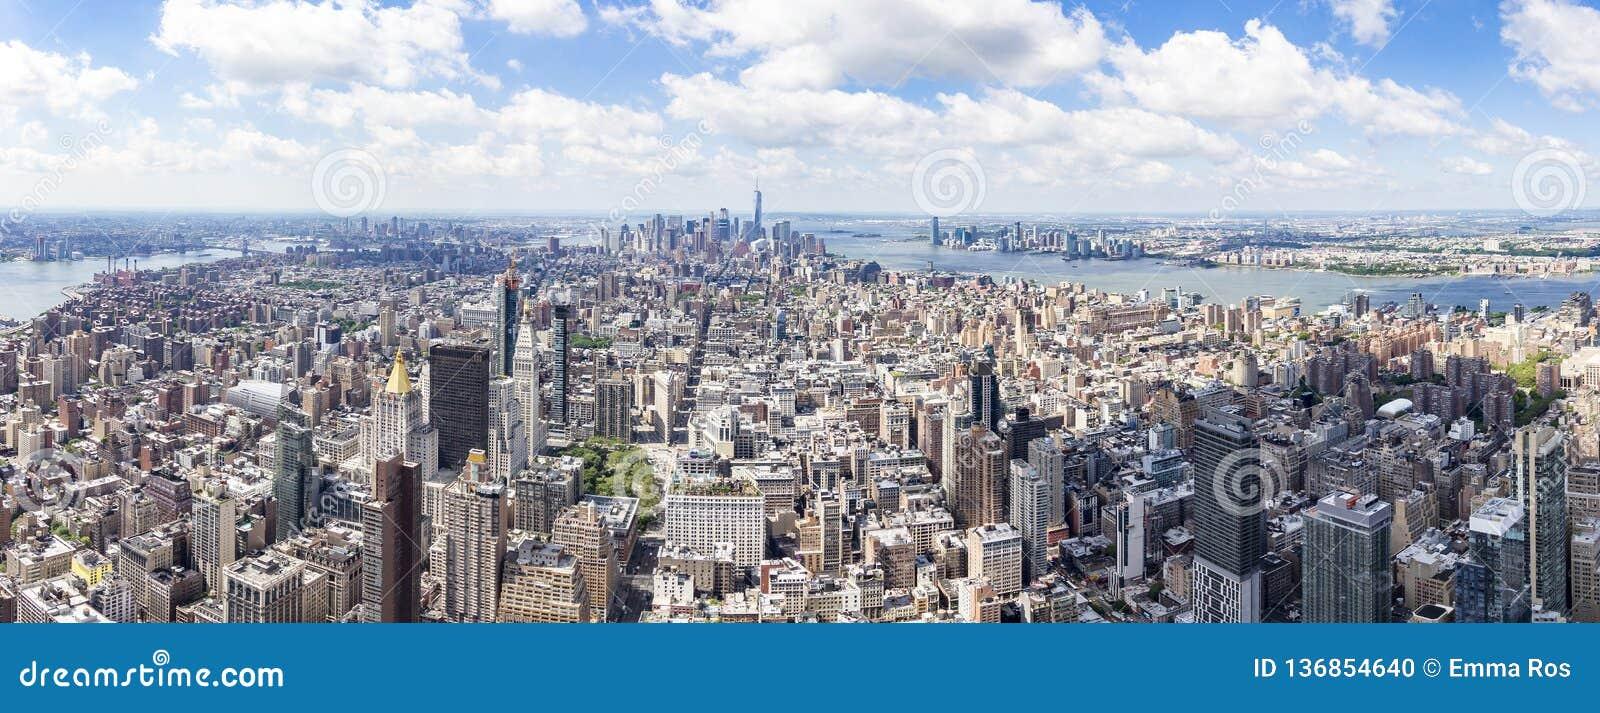 Νότιο πανόραμα άποψη από το Εmpire State Building με το Λόουερ Μανχάταν και ένα World Trade Center, Νέα Υόρκη, Ηνωμένες Πολιτείες